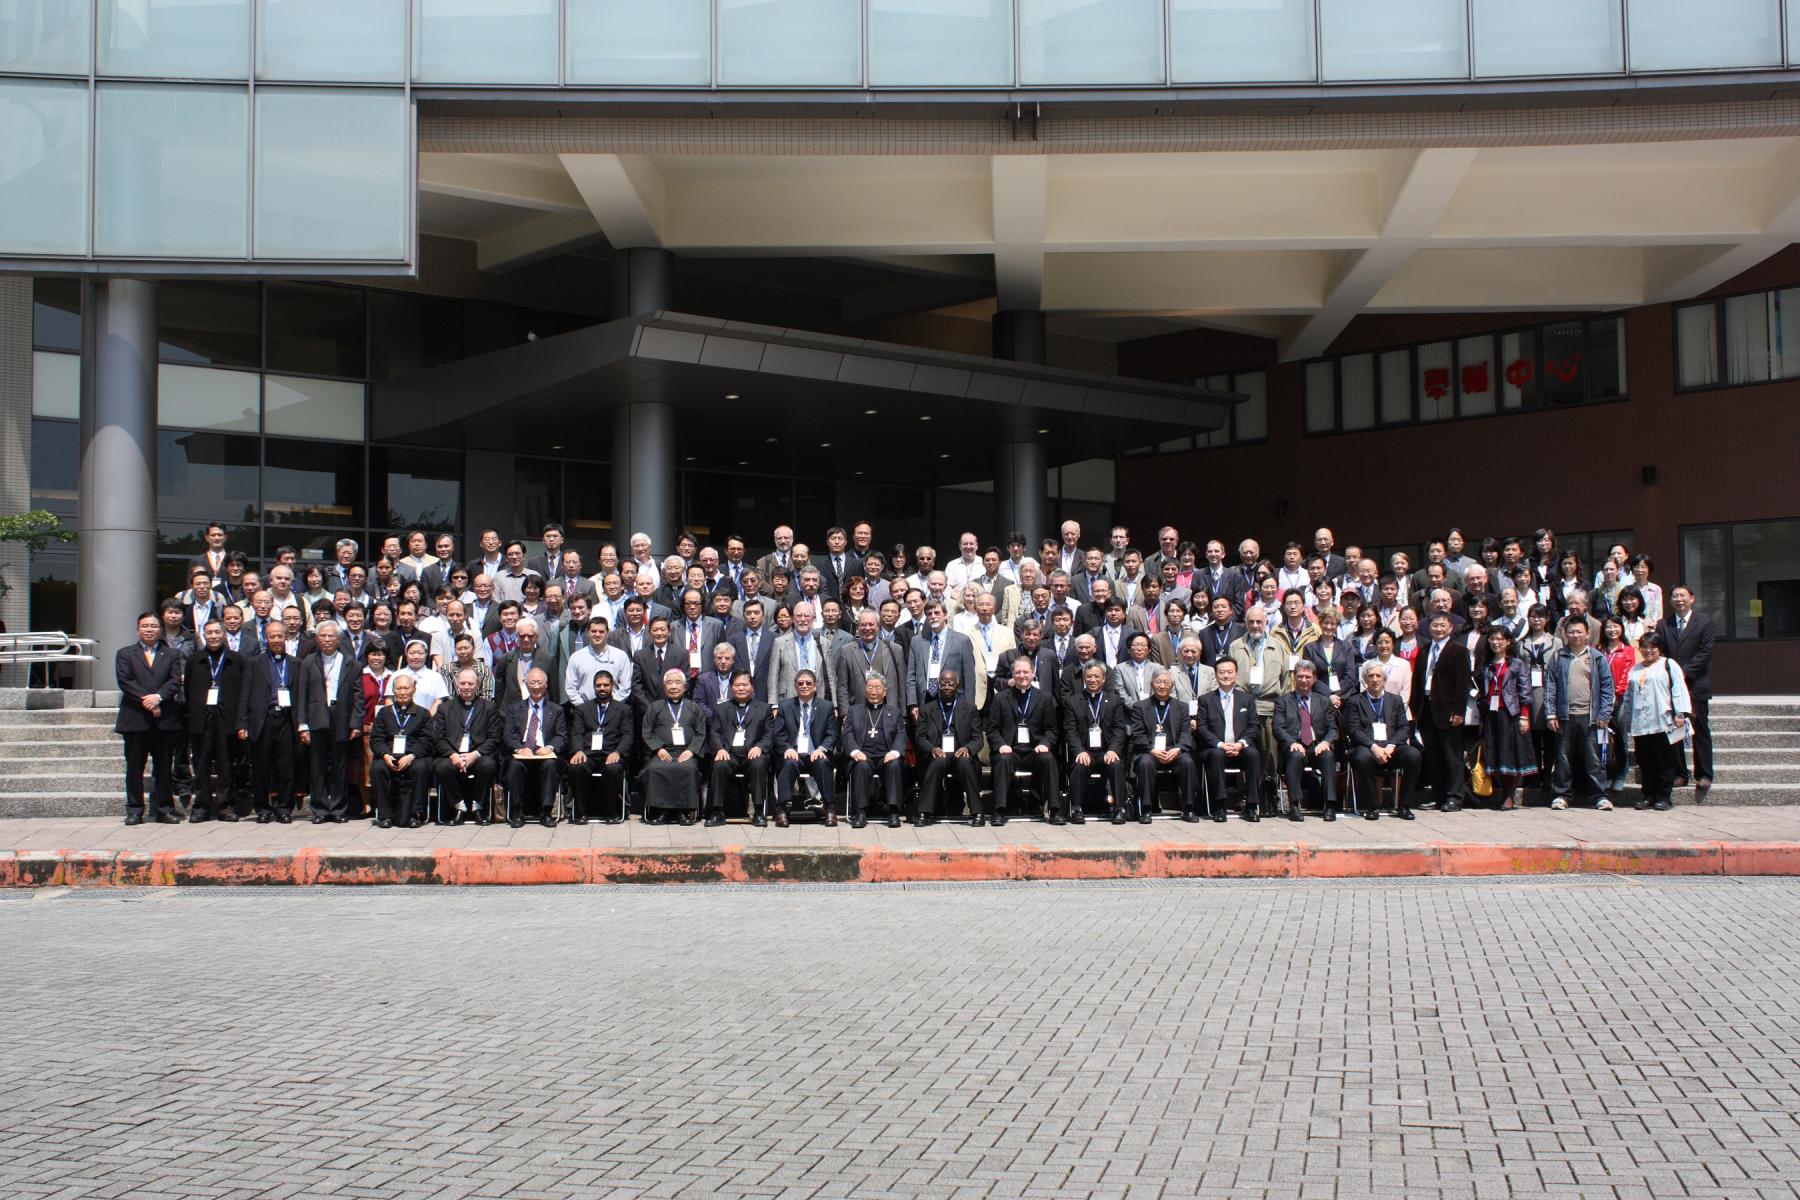 20100419利瑪竇會議團體照